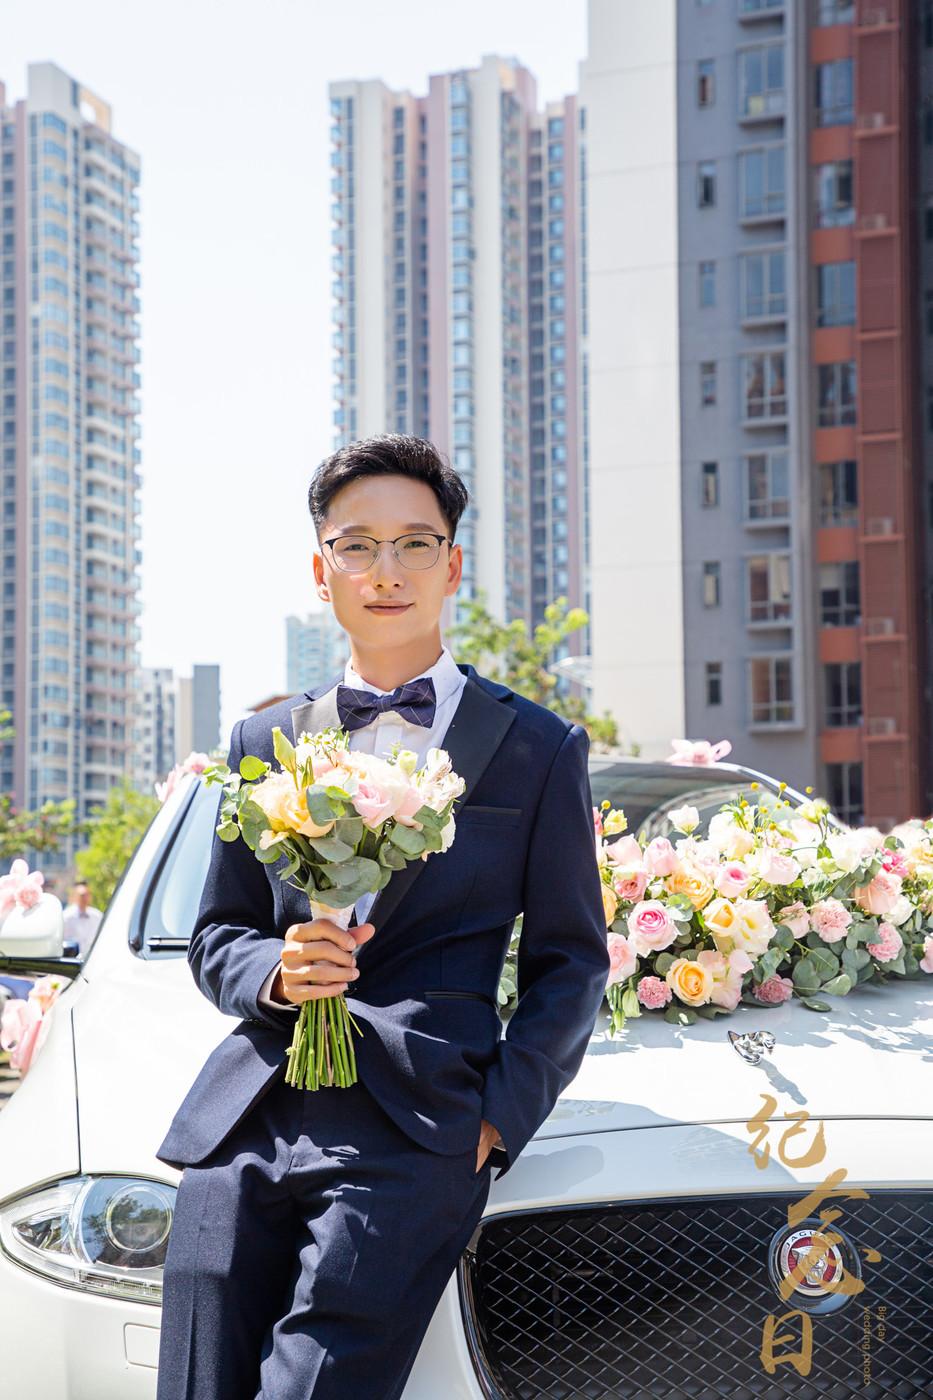 婚礼 | 志明&琳琳10